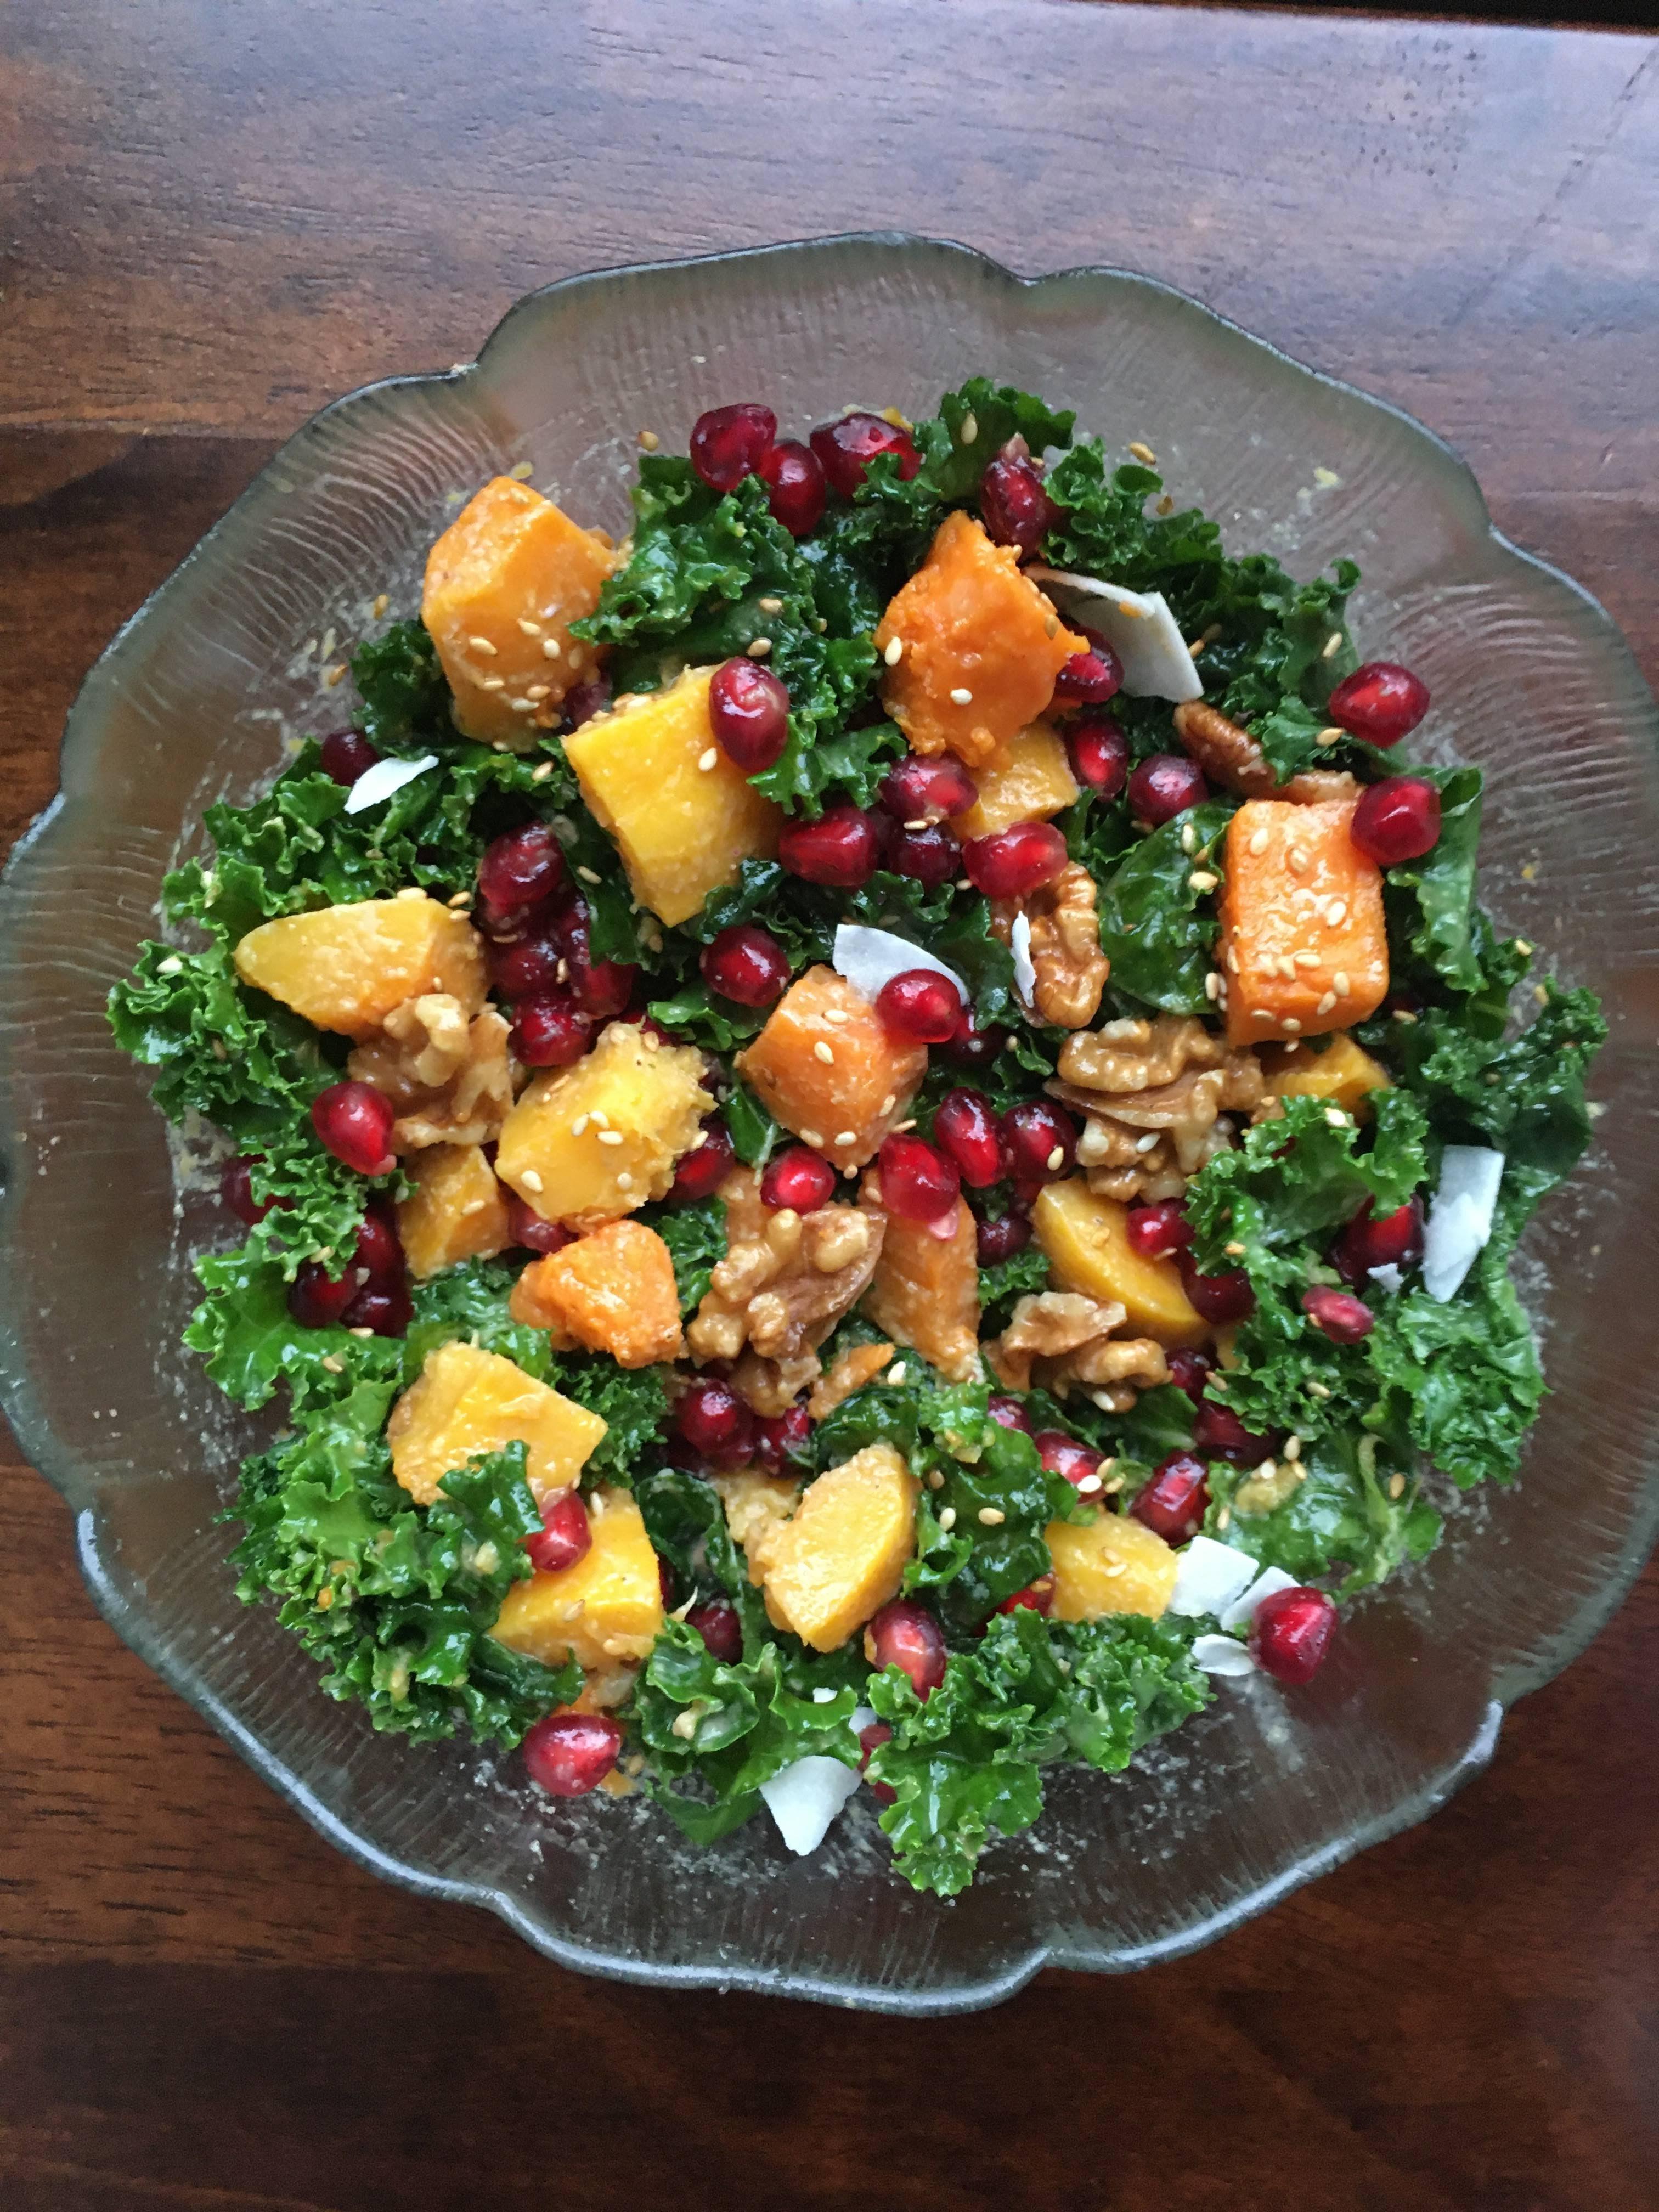 The best kale salad dressing